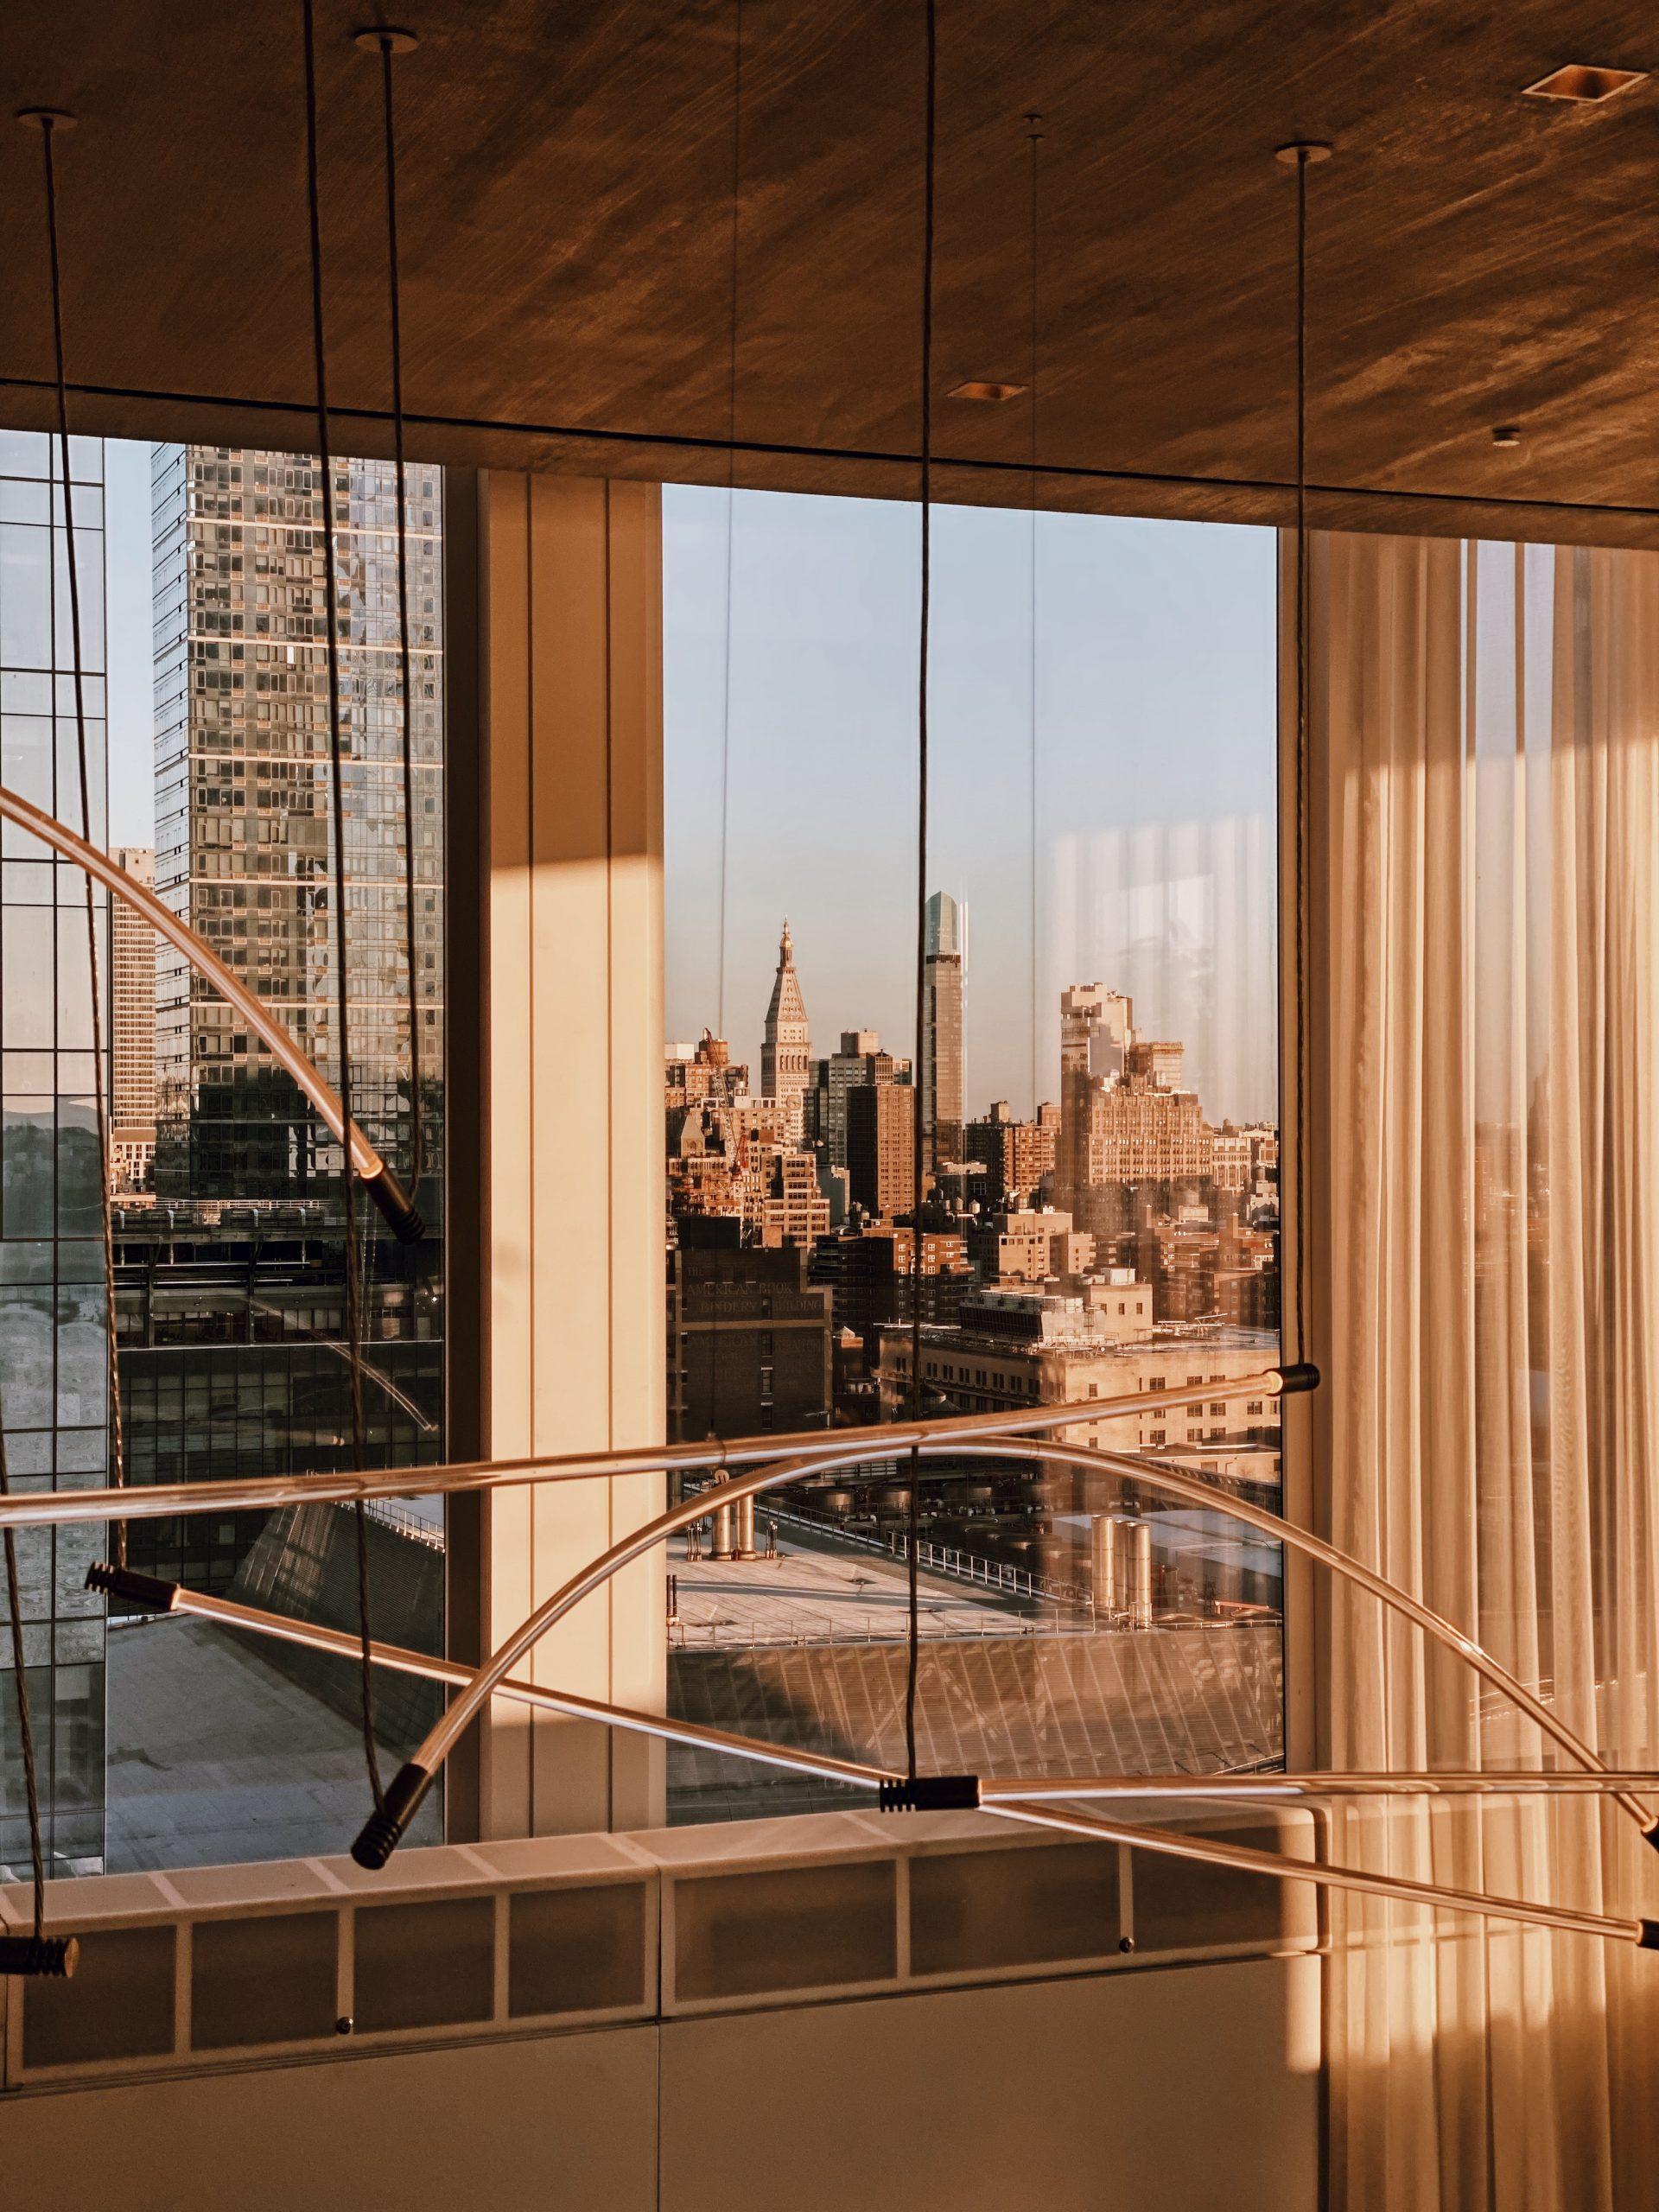 <view to midtown manhattan through restaurant windows